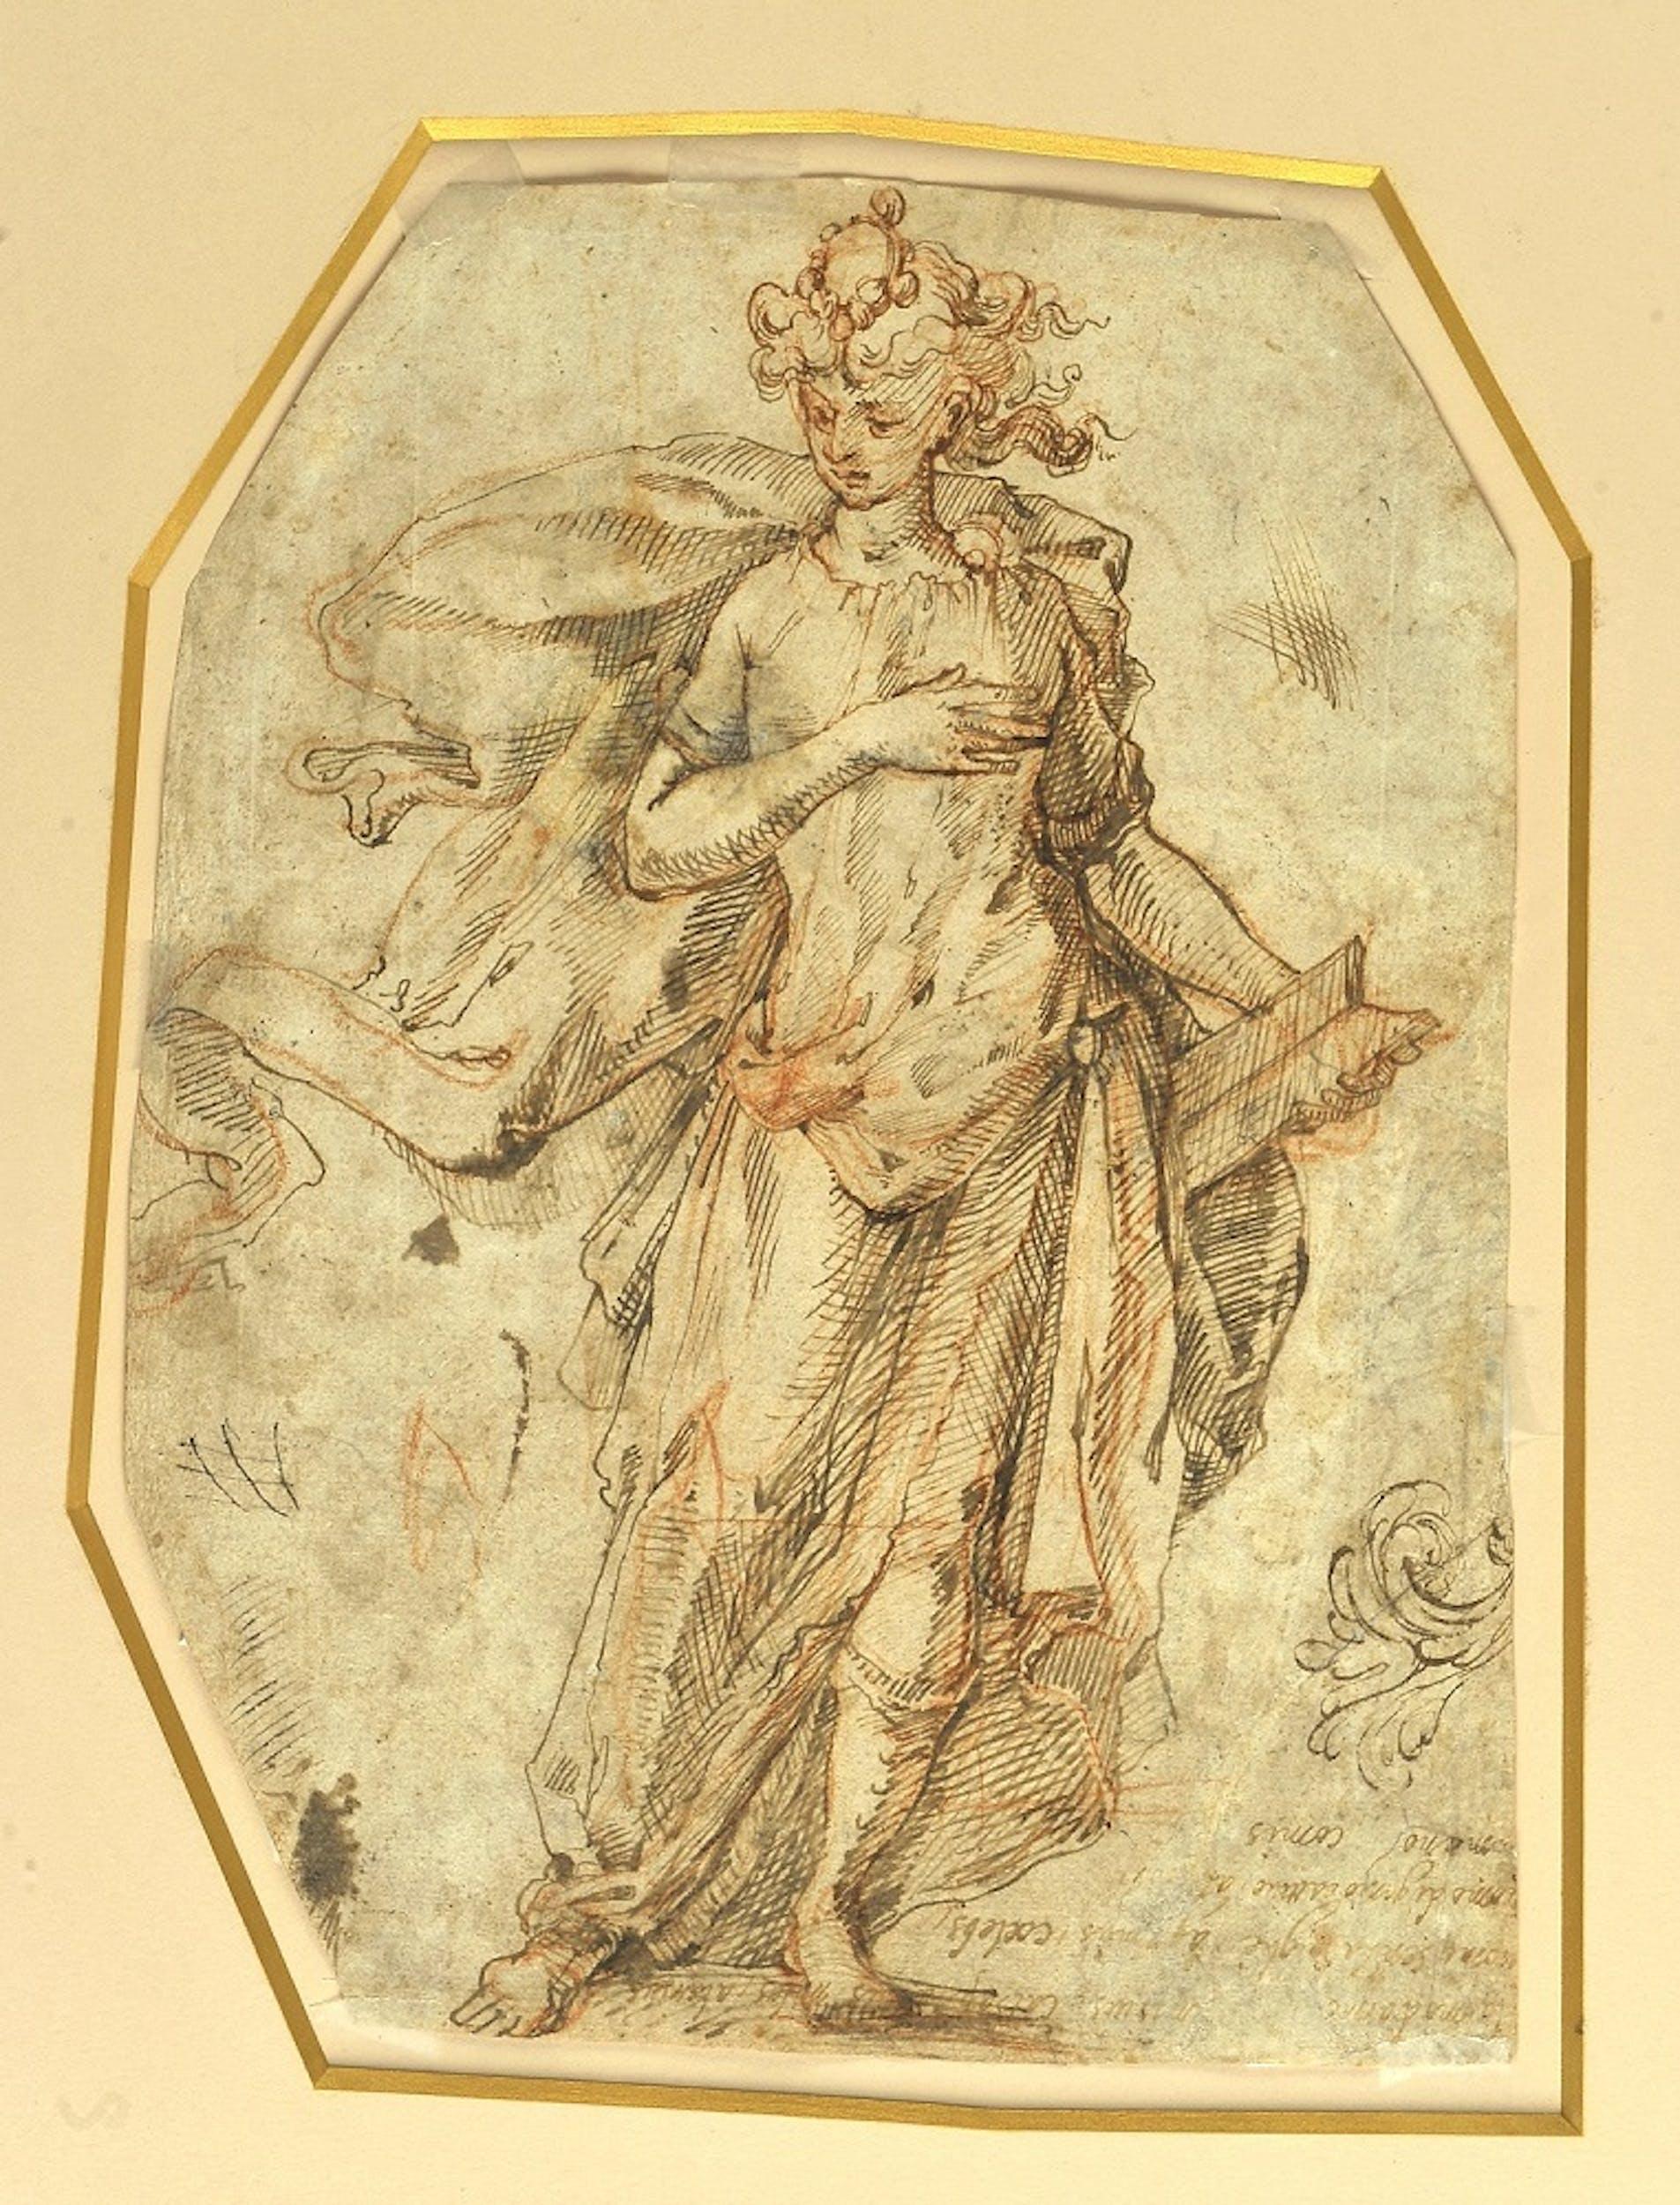 Giovanni Catesi, Studi per un motivo ornamentale a foglie e per una elegante figura, verso disegno a penna e inchiostro e pietra rossa, 28,8 x 21,3 cm